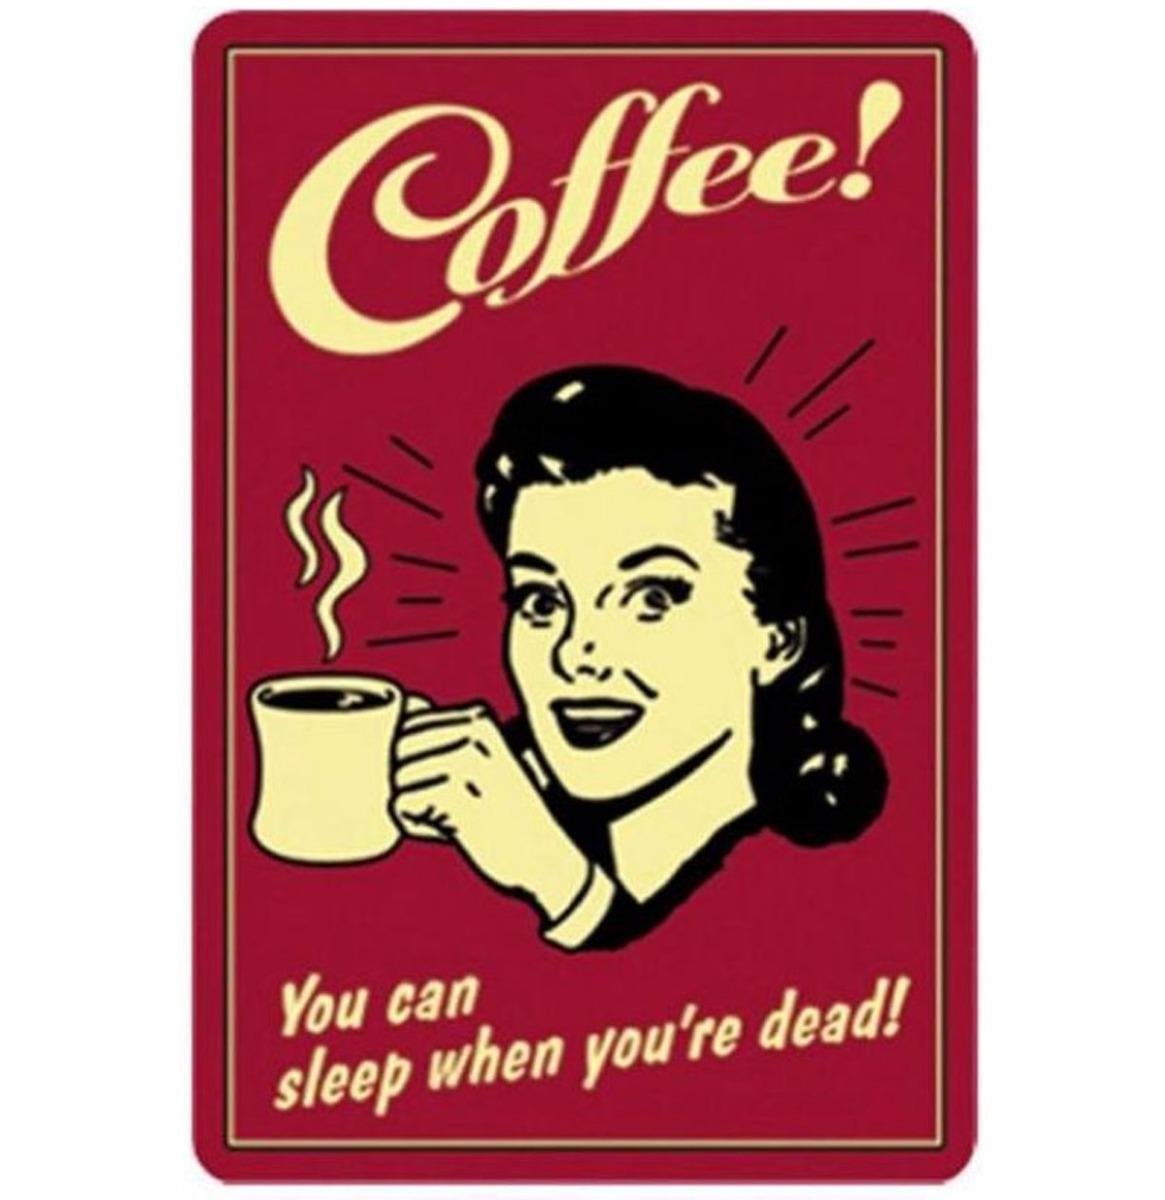 Coffee! You Can Sleep When You're Dead Metalen Bord - 40 x 30 cm